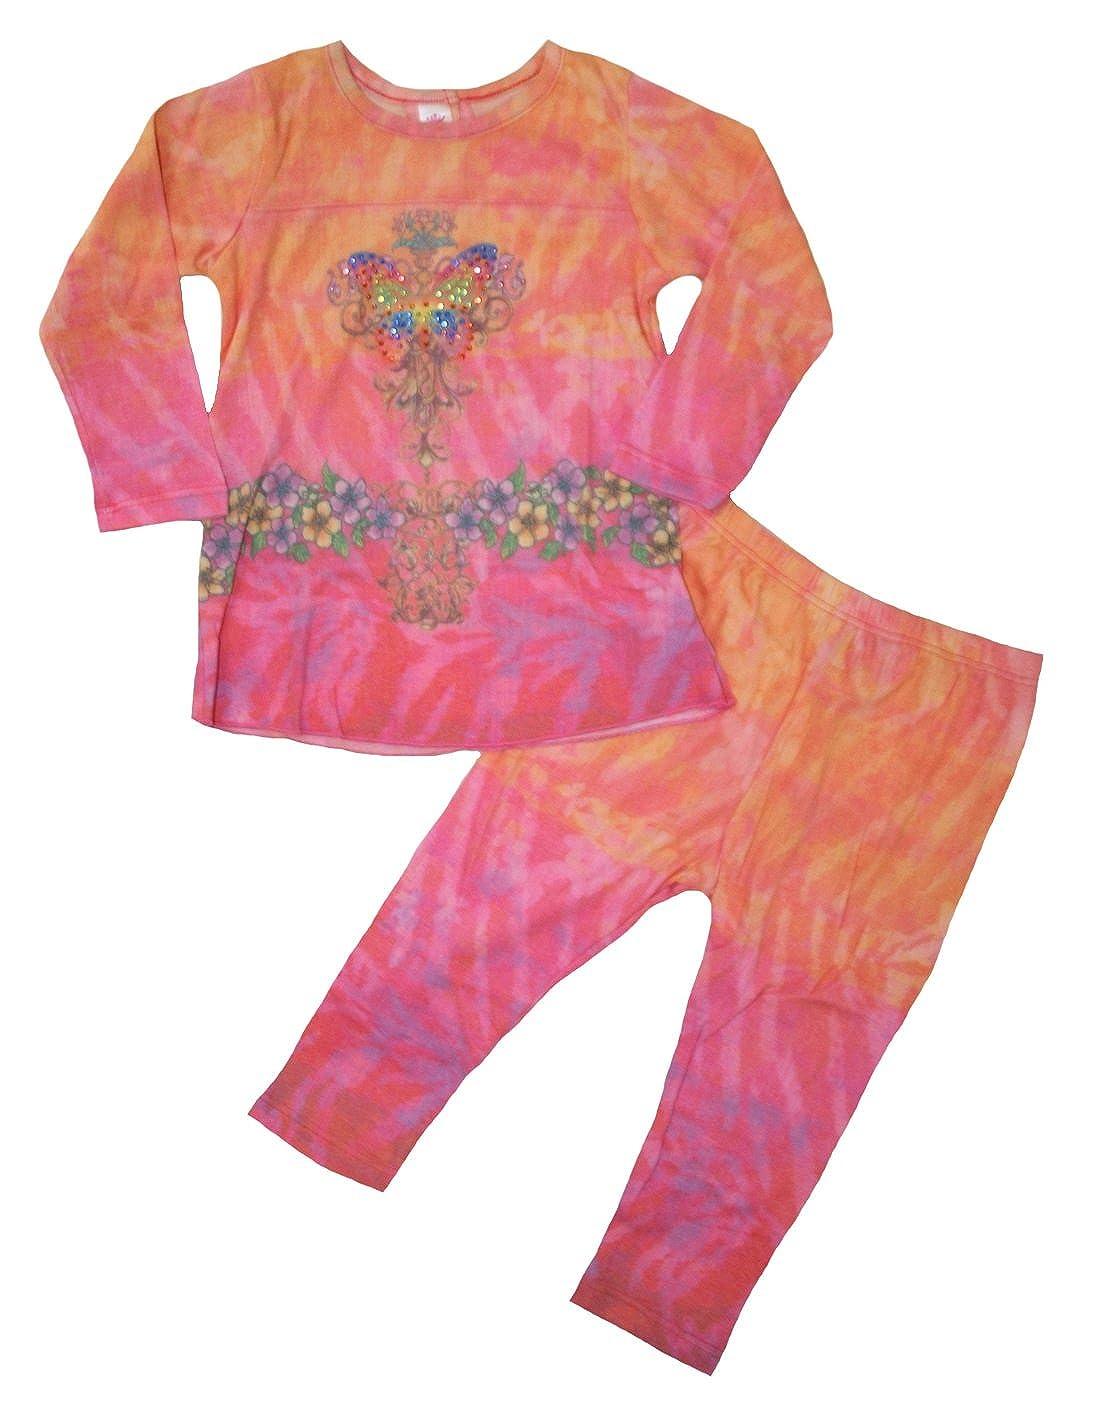 【ラッピング無料】 Celebutante B01FMMF3NE PANTS ベビーガールズ 6 Months PANTS Months B01FMMF3NE, Ibaraki BMW Accessory Shop:39298768 --- a0267596.xsph.ru